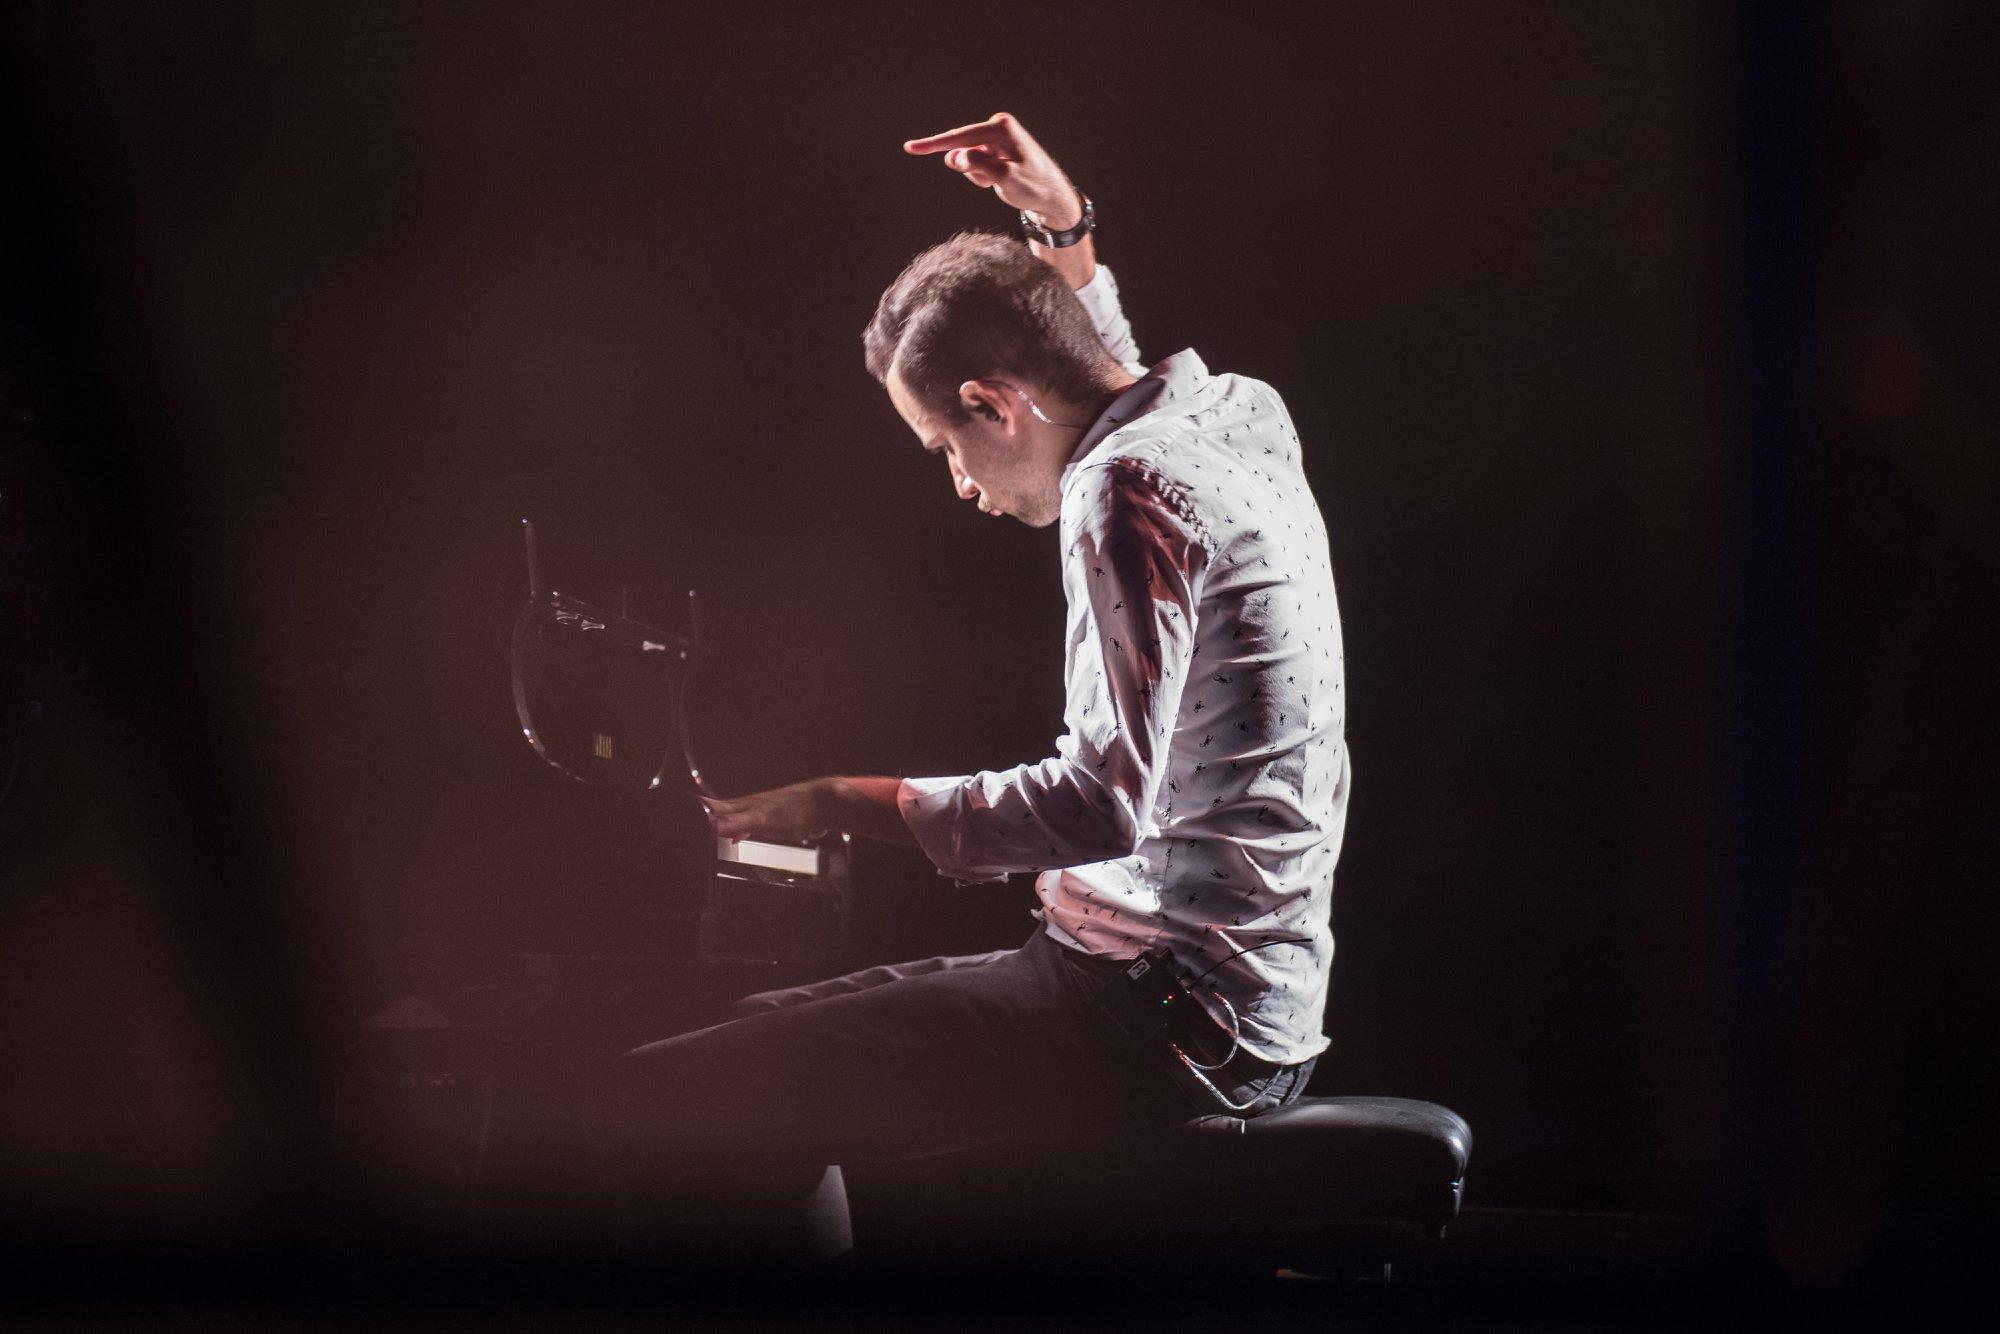 KOHTI VÄHE, OLE KIIRE! Müügile tulid rõdupiletid maailma kiireima klaverimängija Peter Bence kontserdile